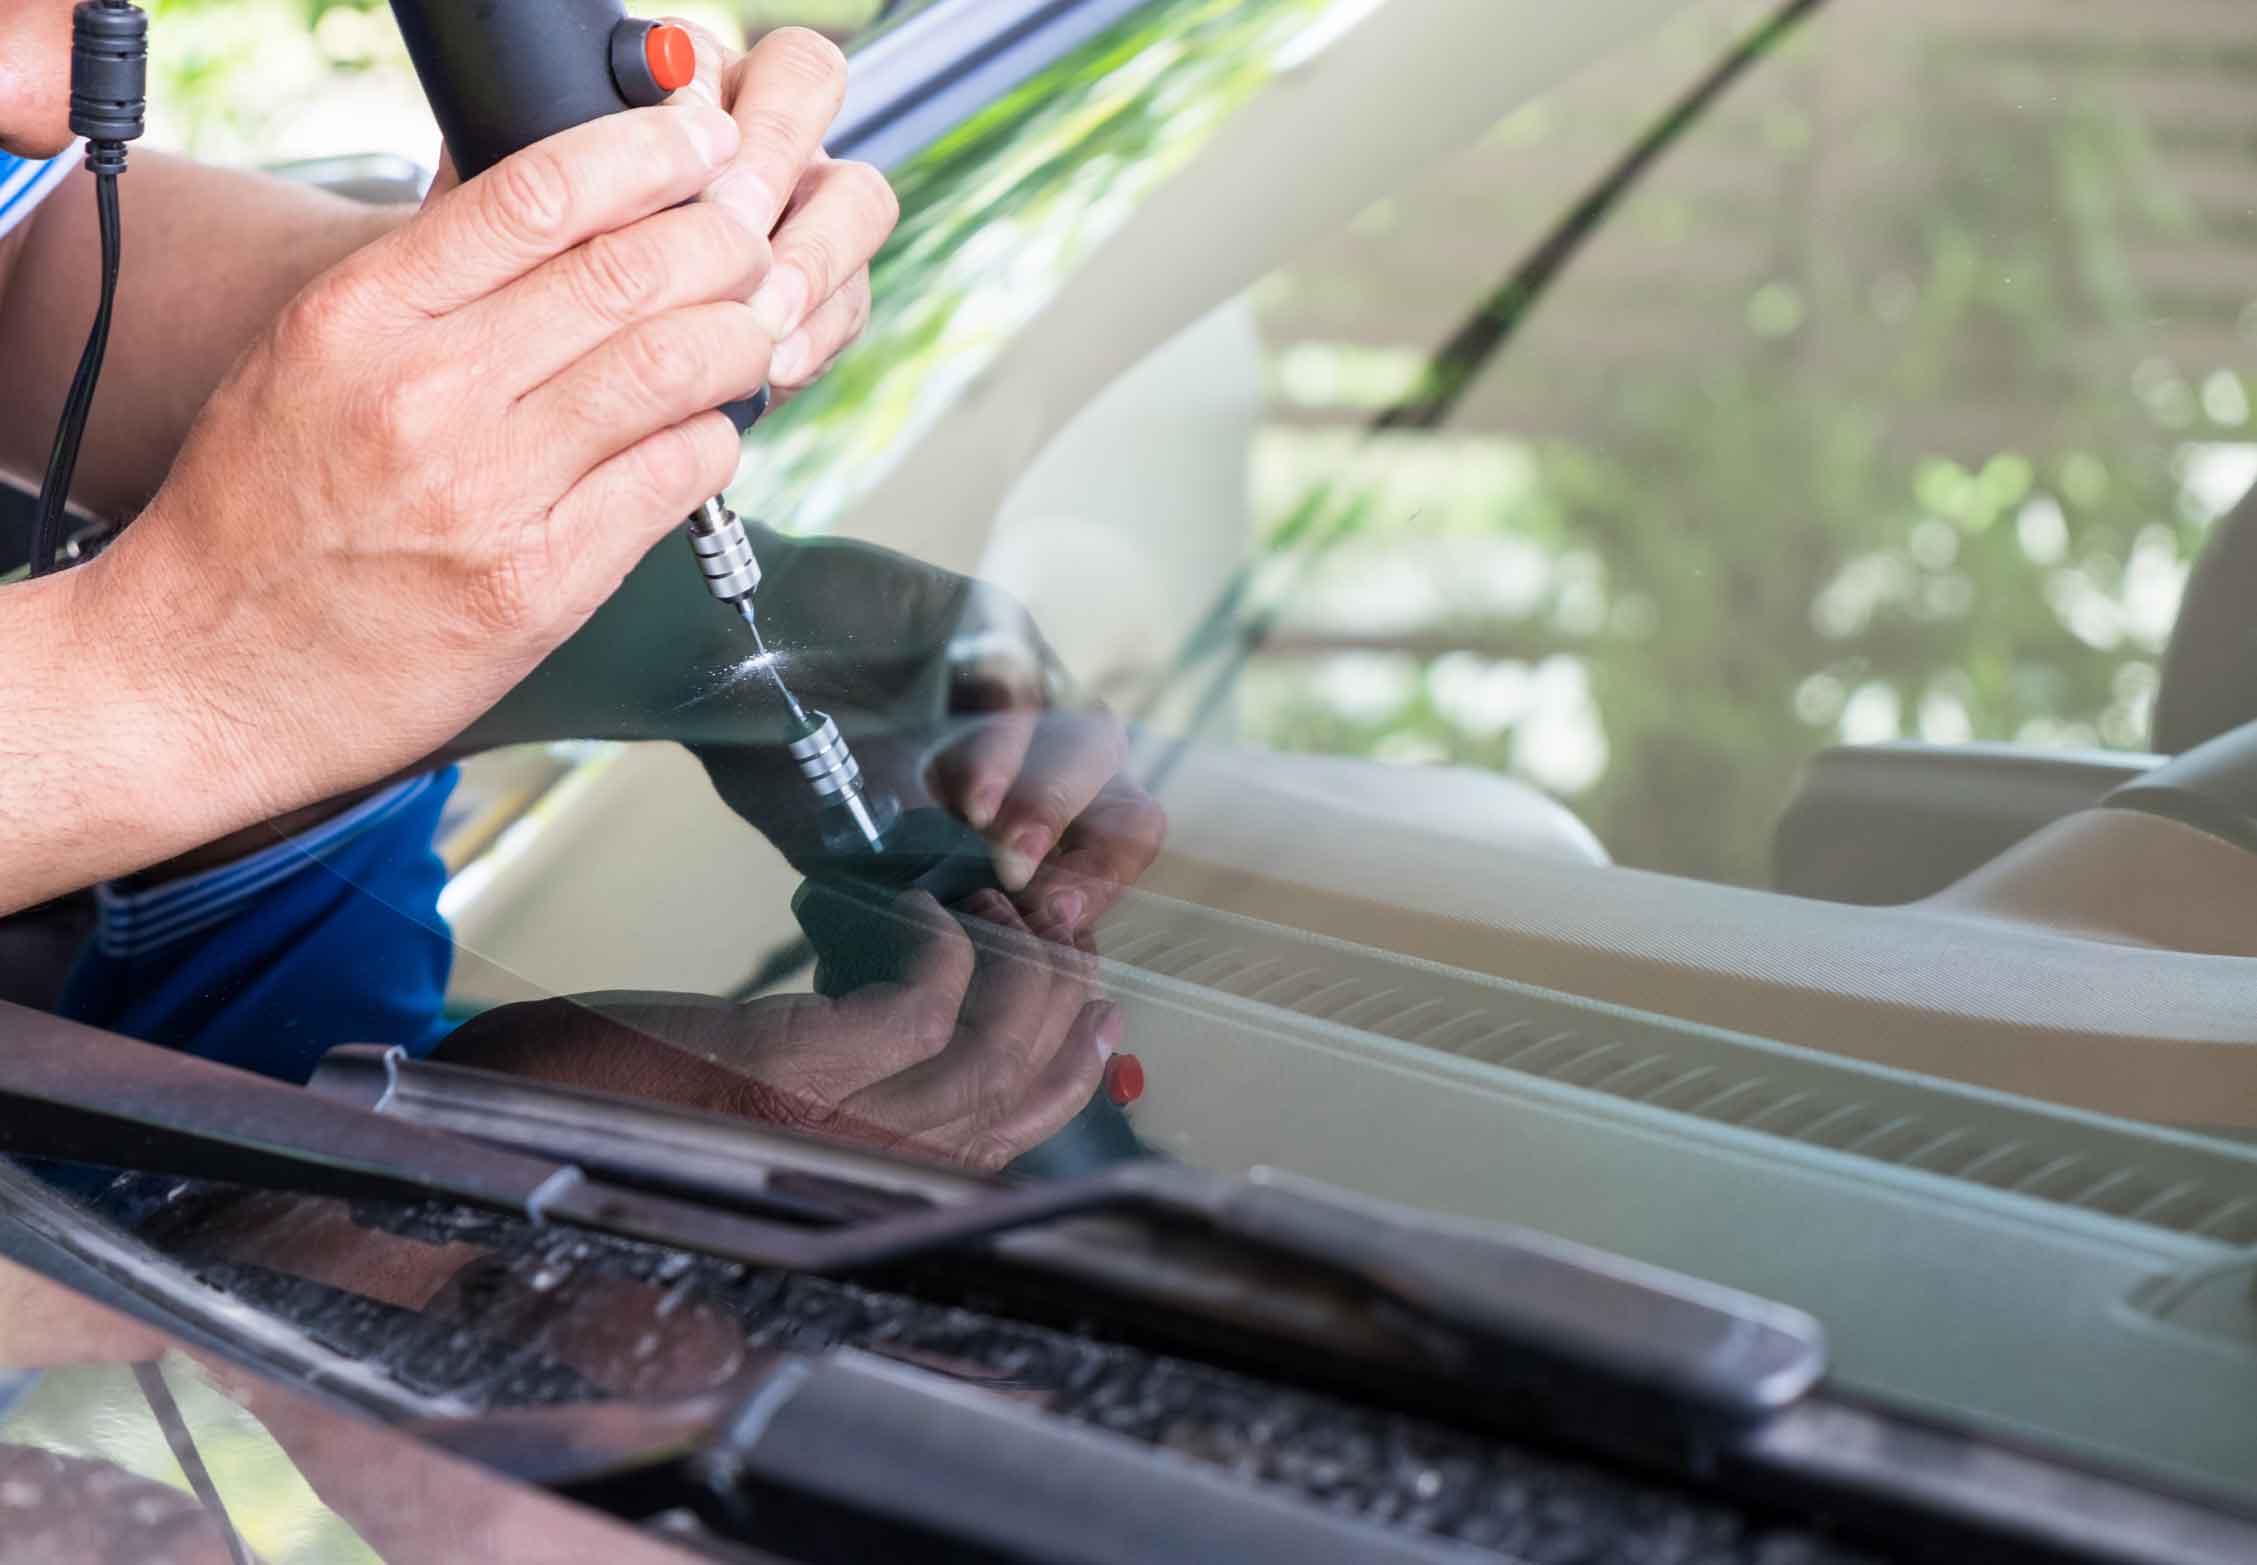 Window chip repair